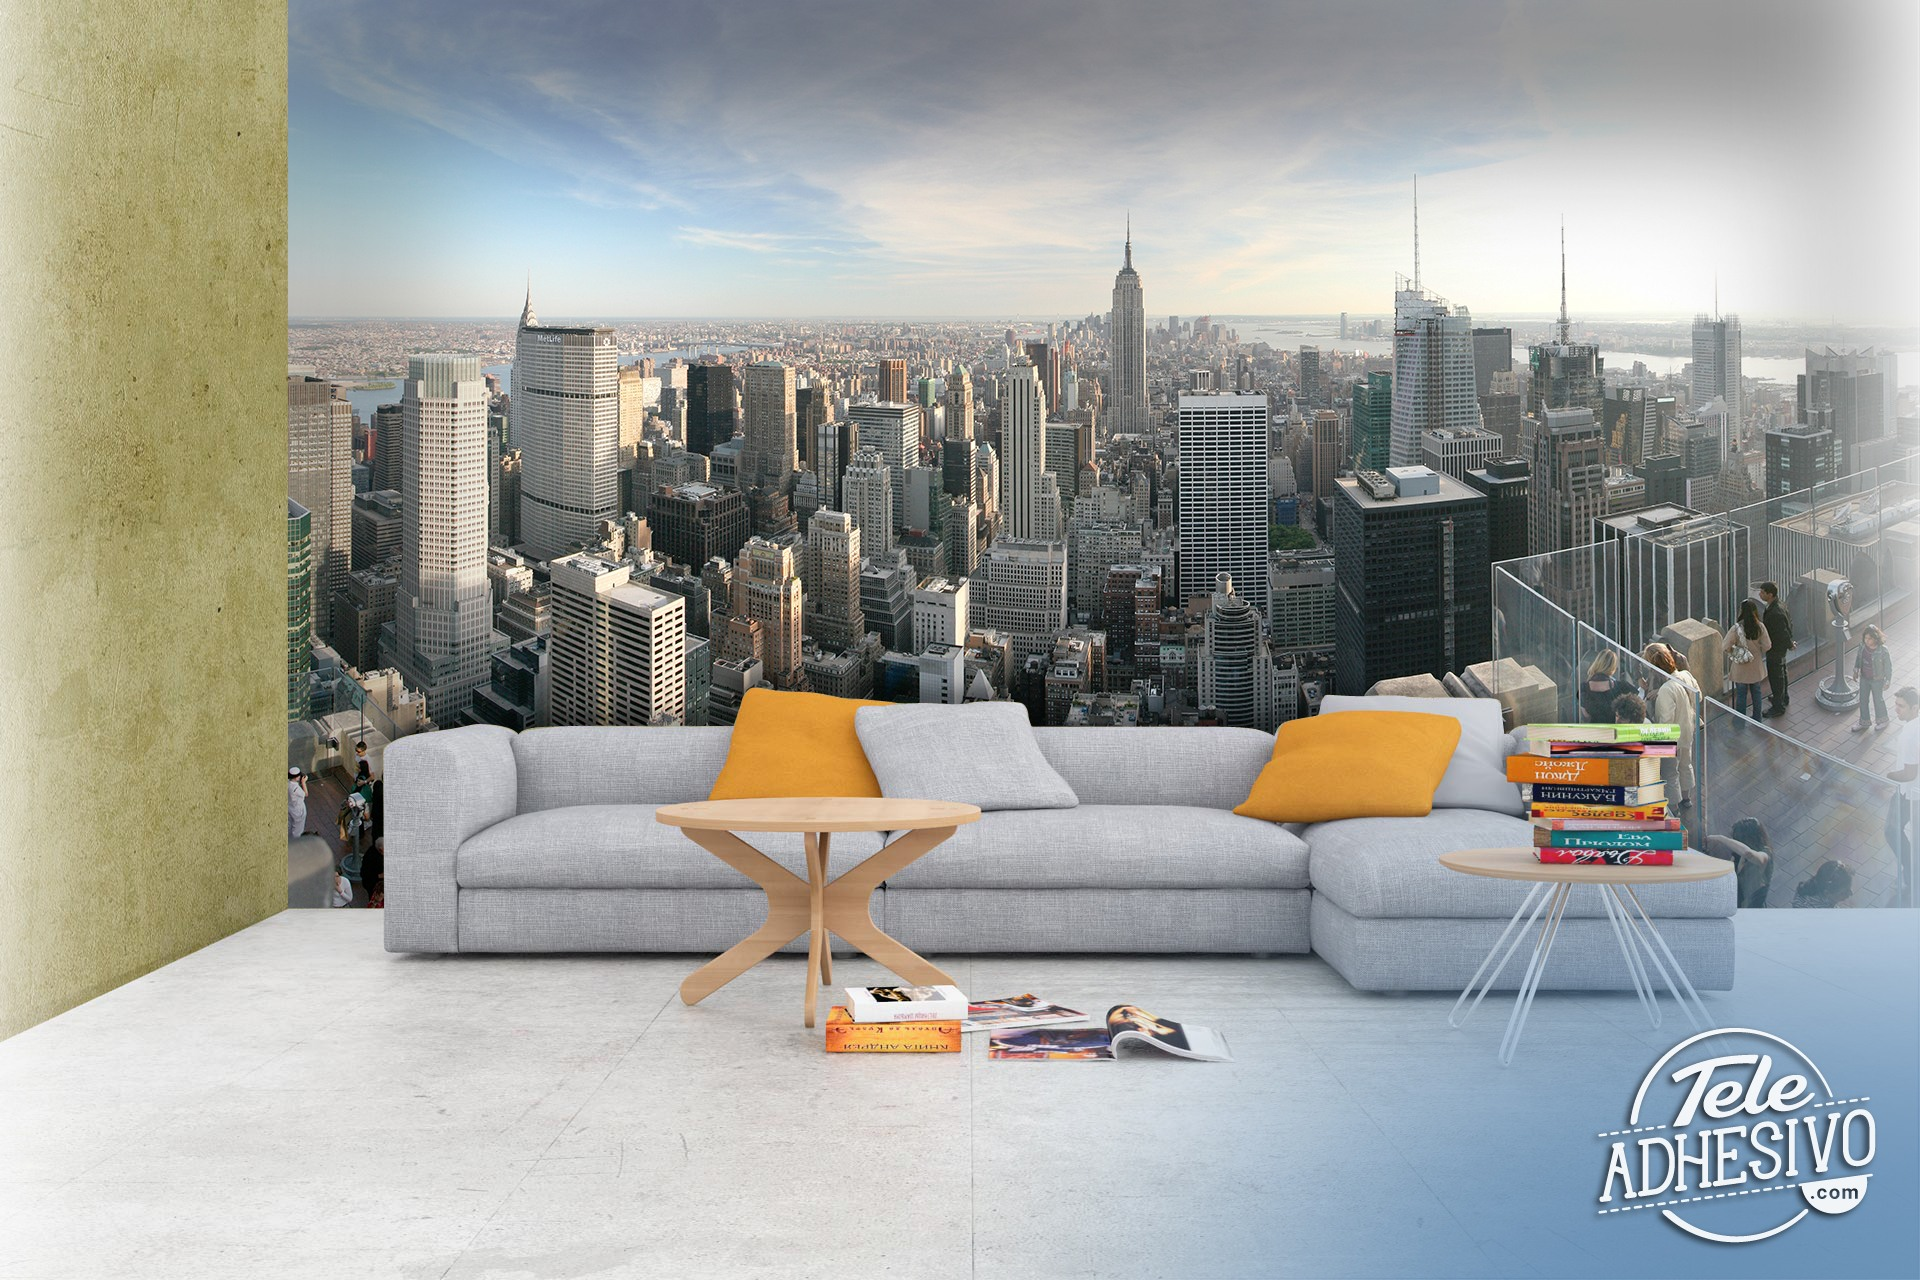 Fototapeten: New York City